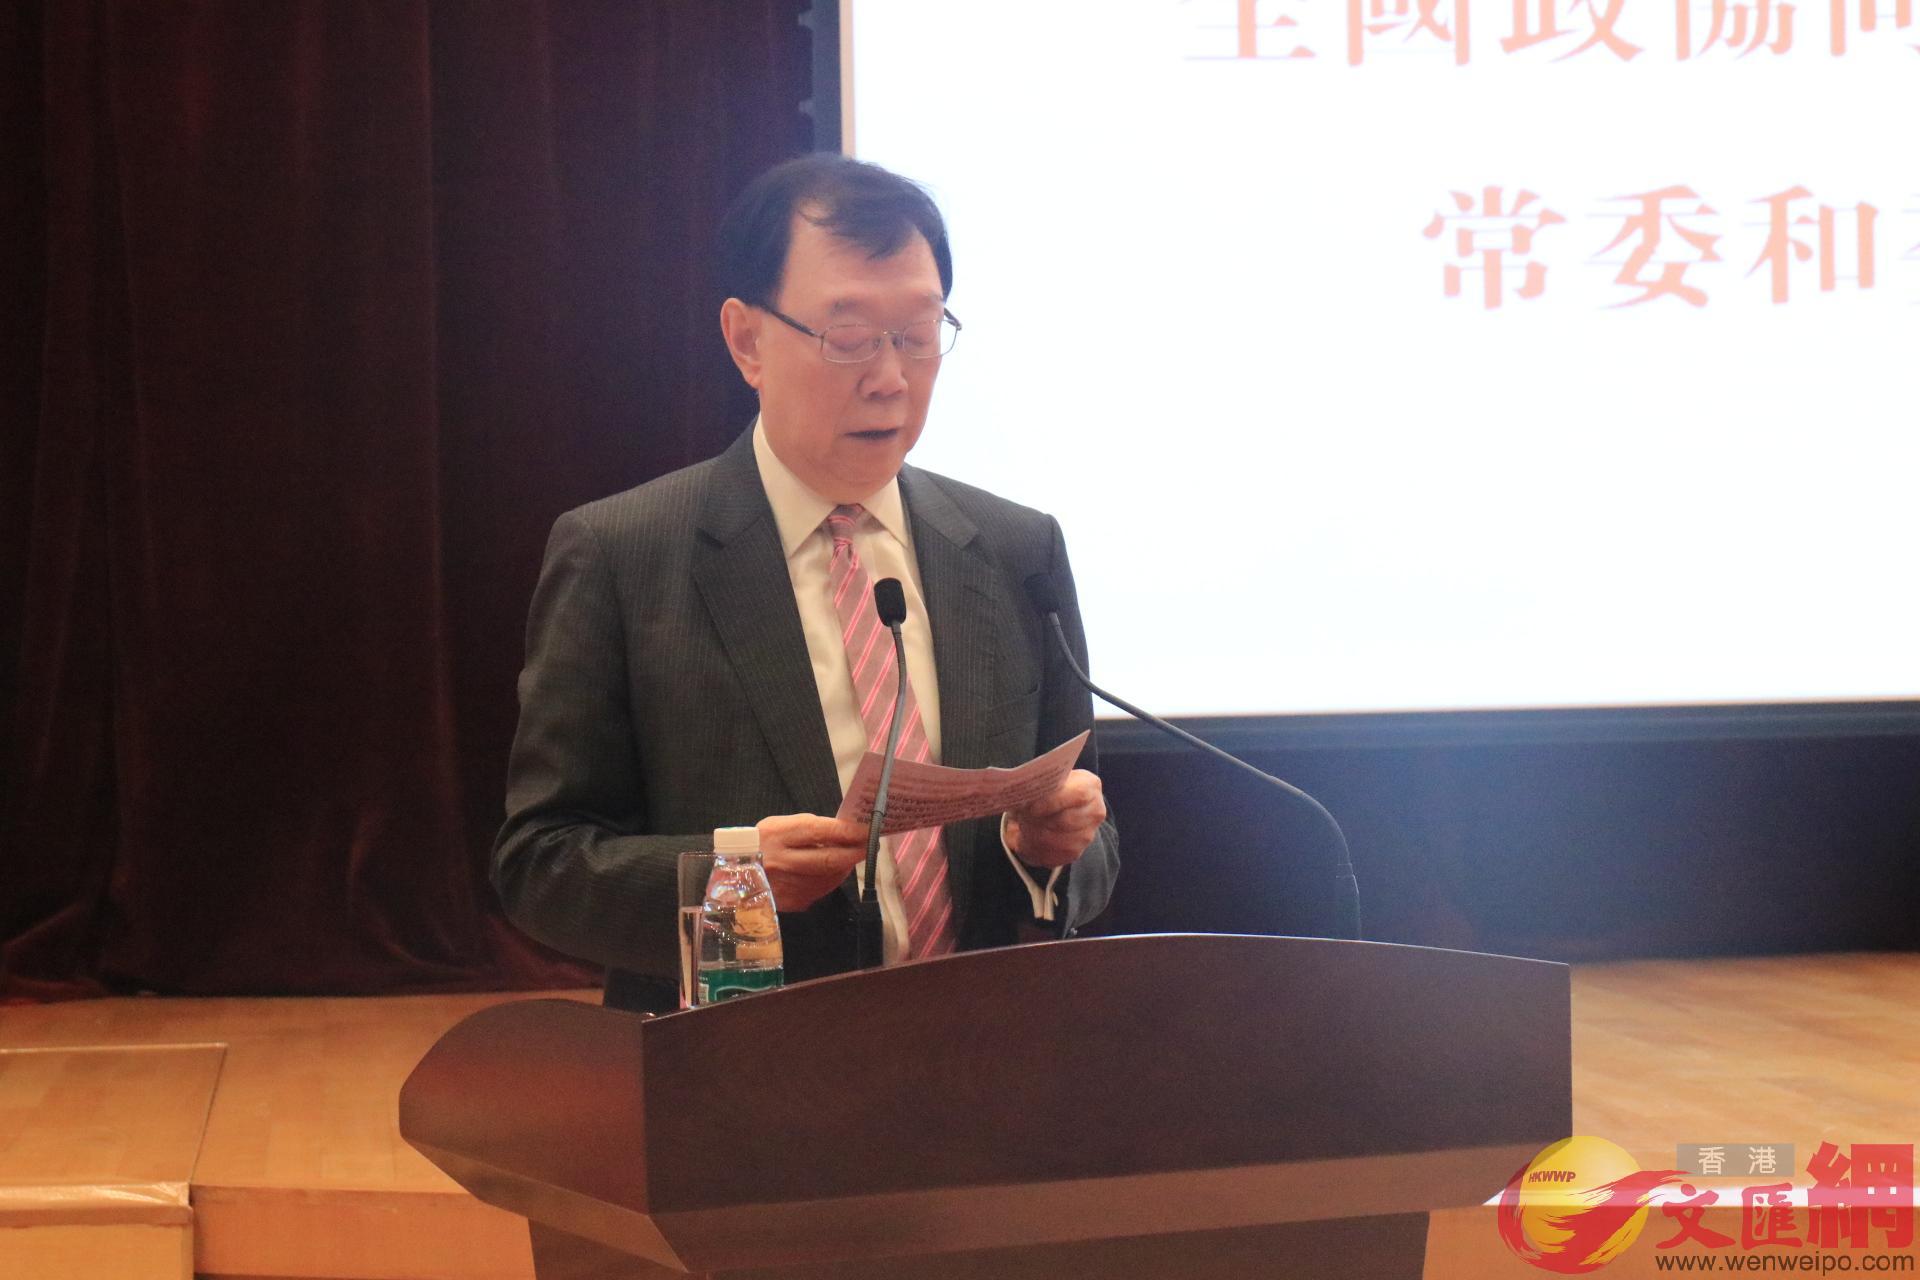 全國政協常委劉漢銓代表榮休委員發言